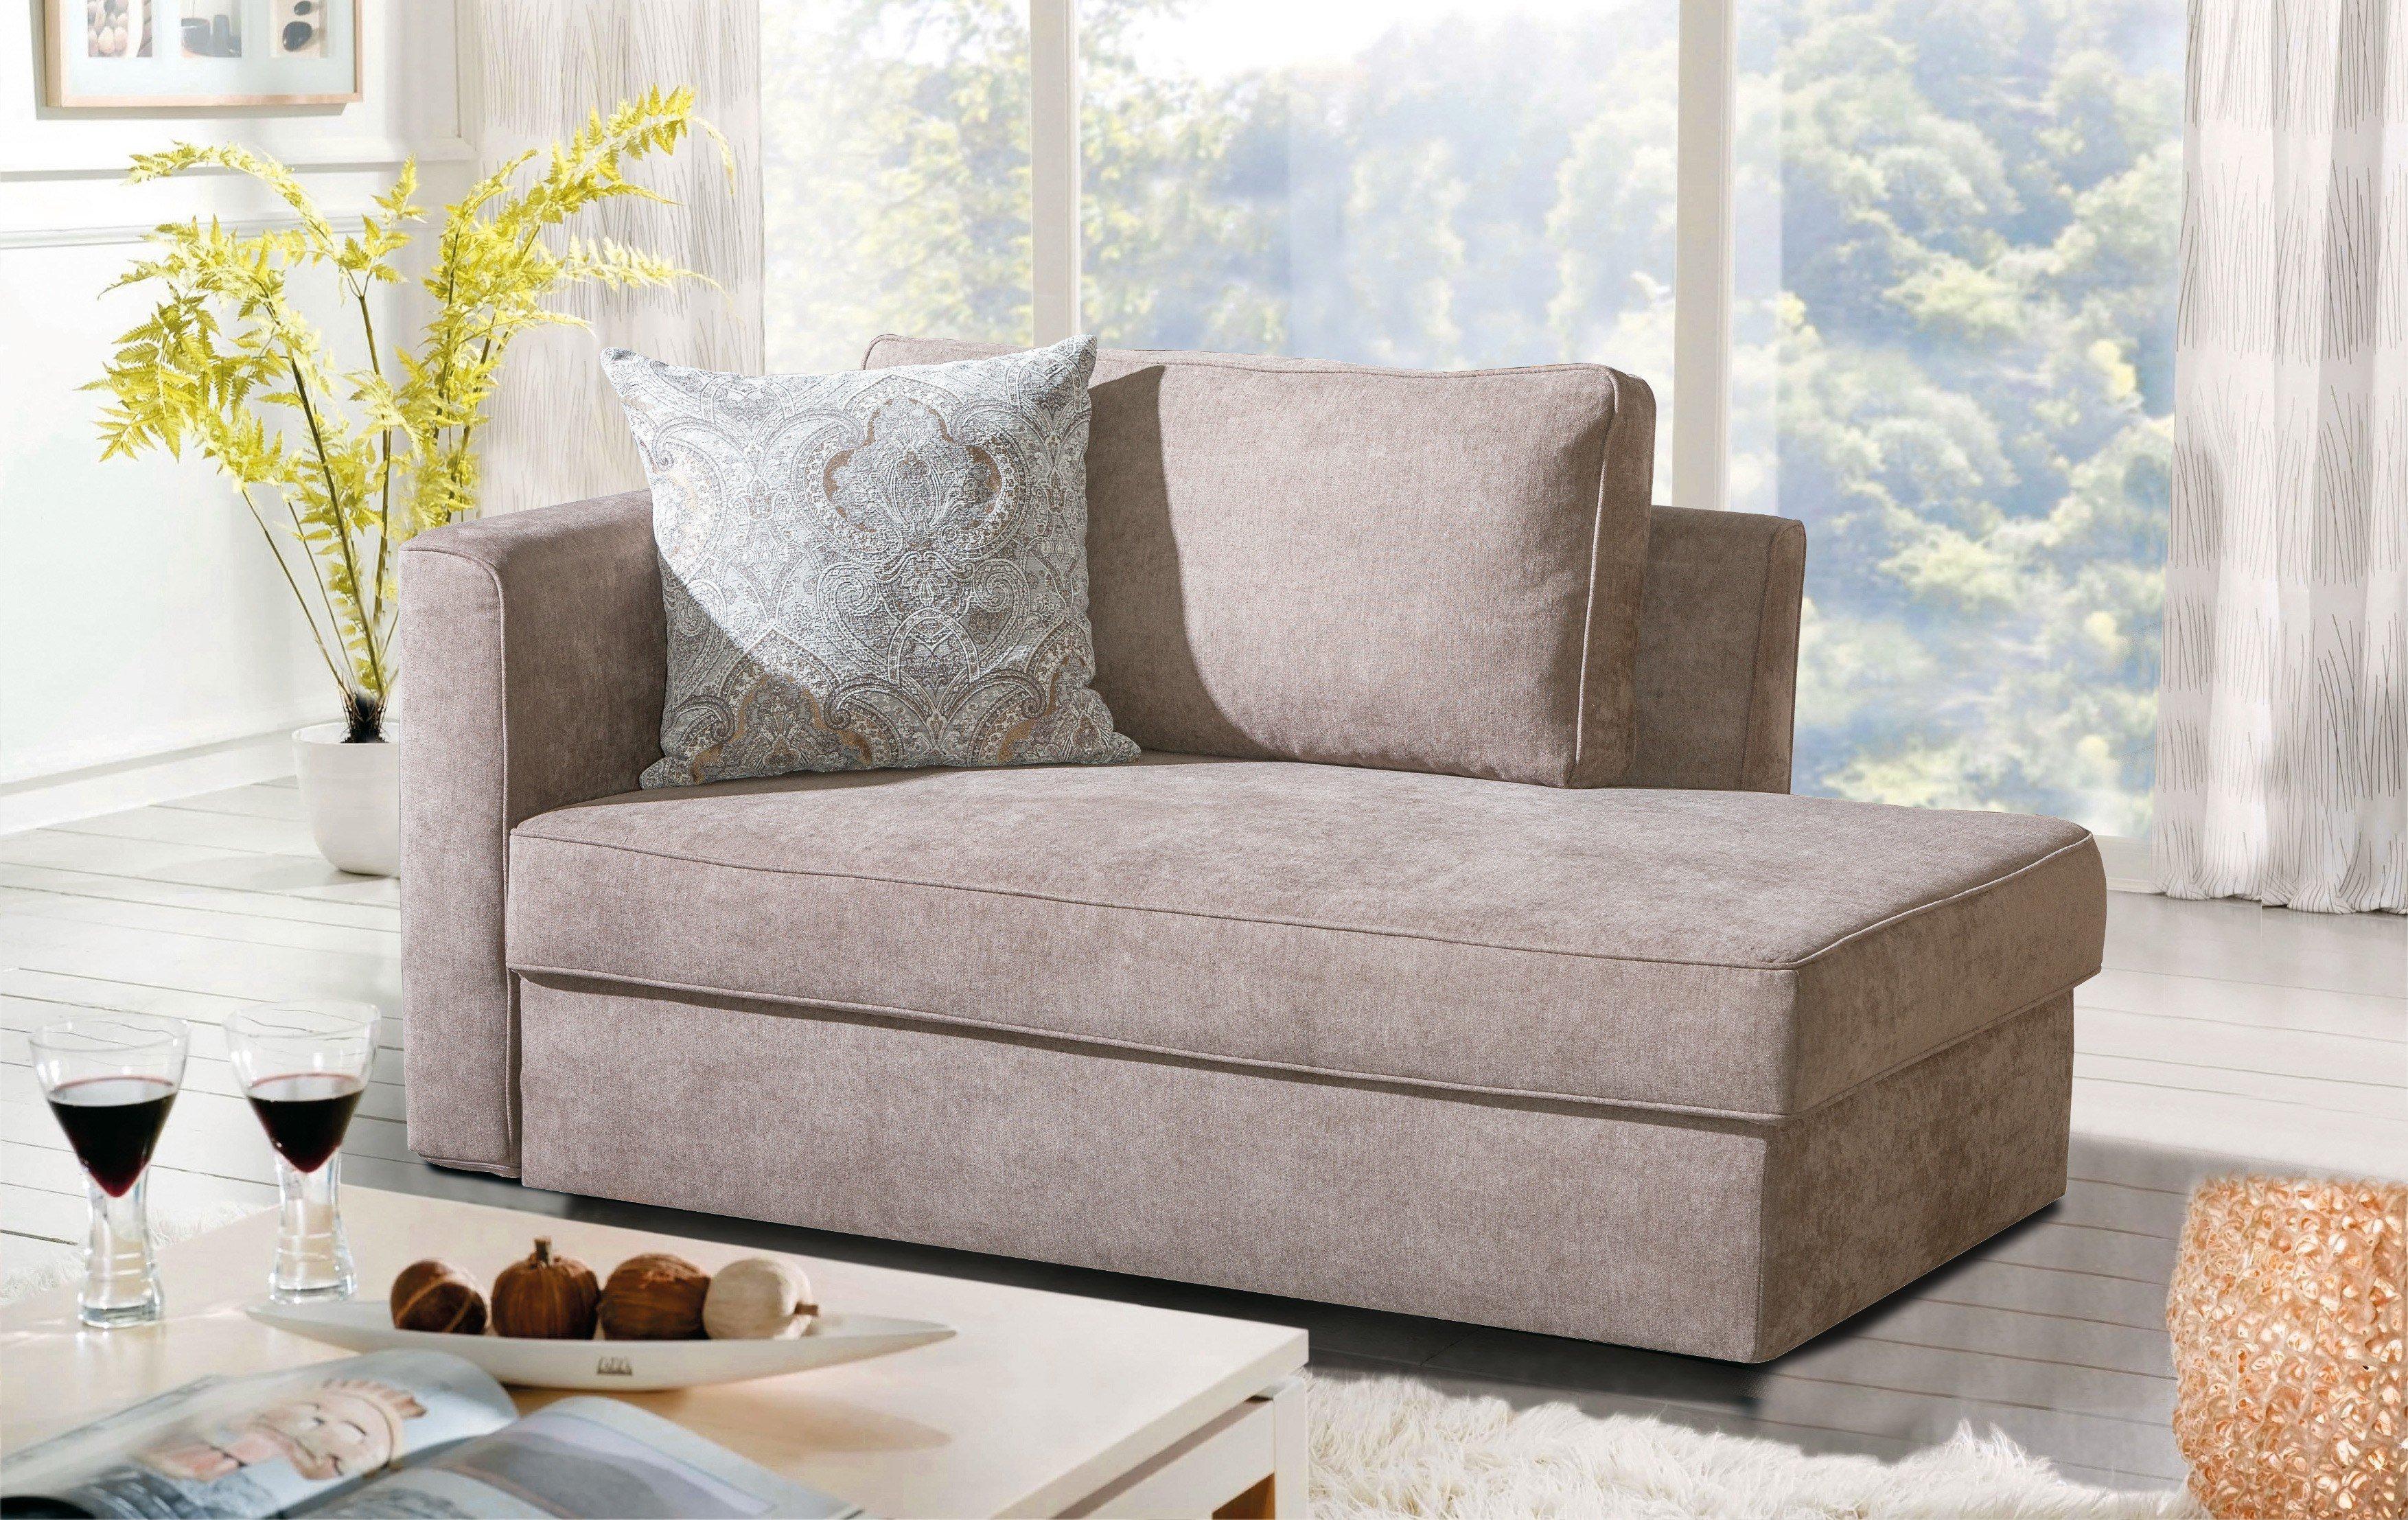 restyl melina rosaria einzelliege mit bettkasten und schlaffunktion m bel letz ihr online shop. Black Bedroom Furniture Sets. Home Design Ideas